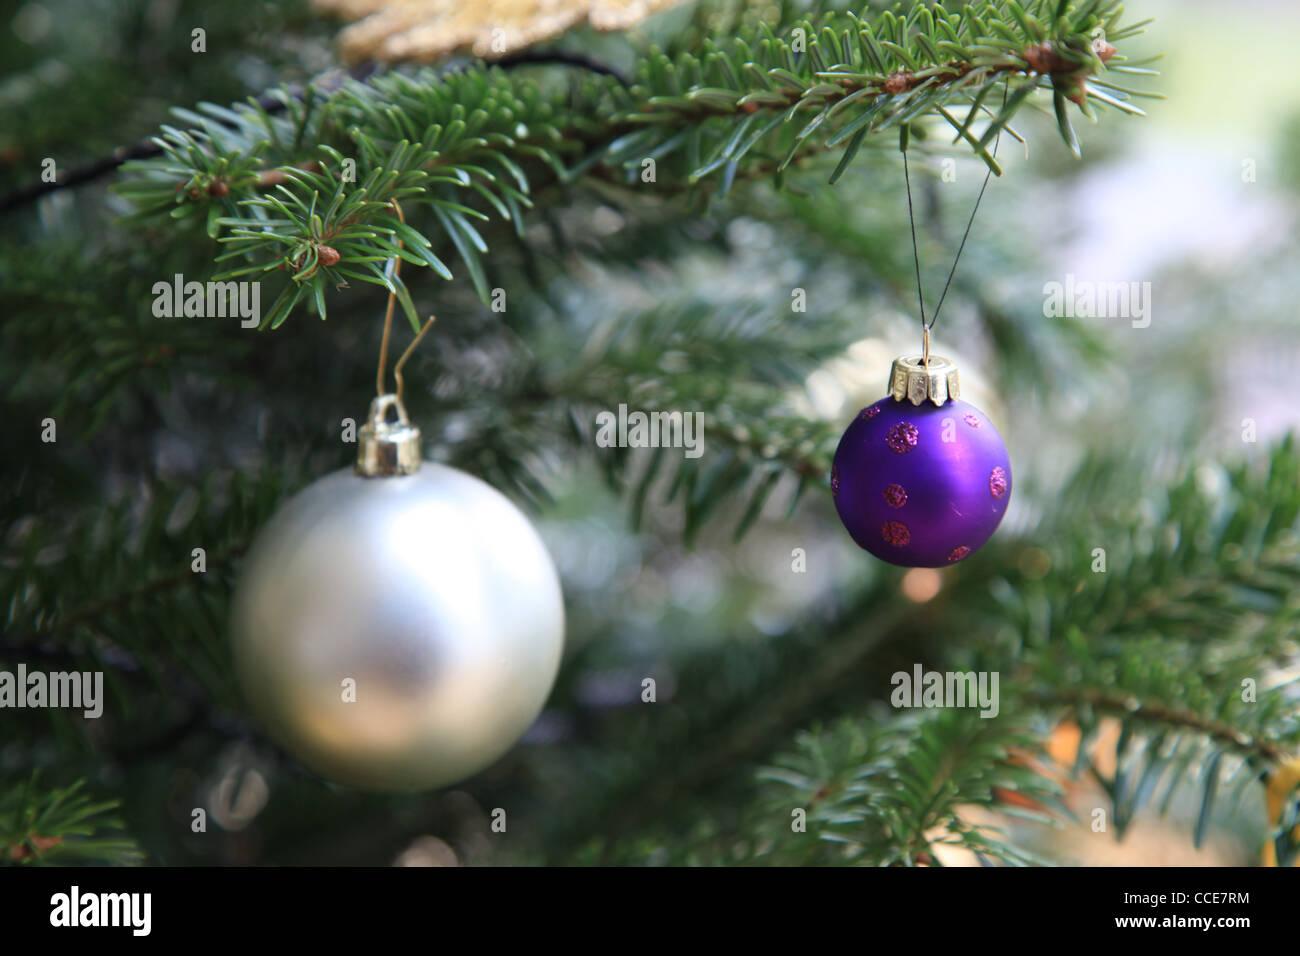 Weihnachtsstern Für Tannenbaum.Weihnachten Weihnachtsbaum Tannenbaum Weihnachtsstern Gold Stock